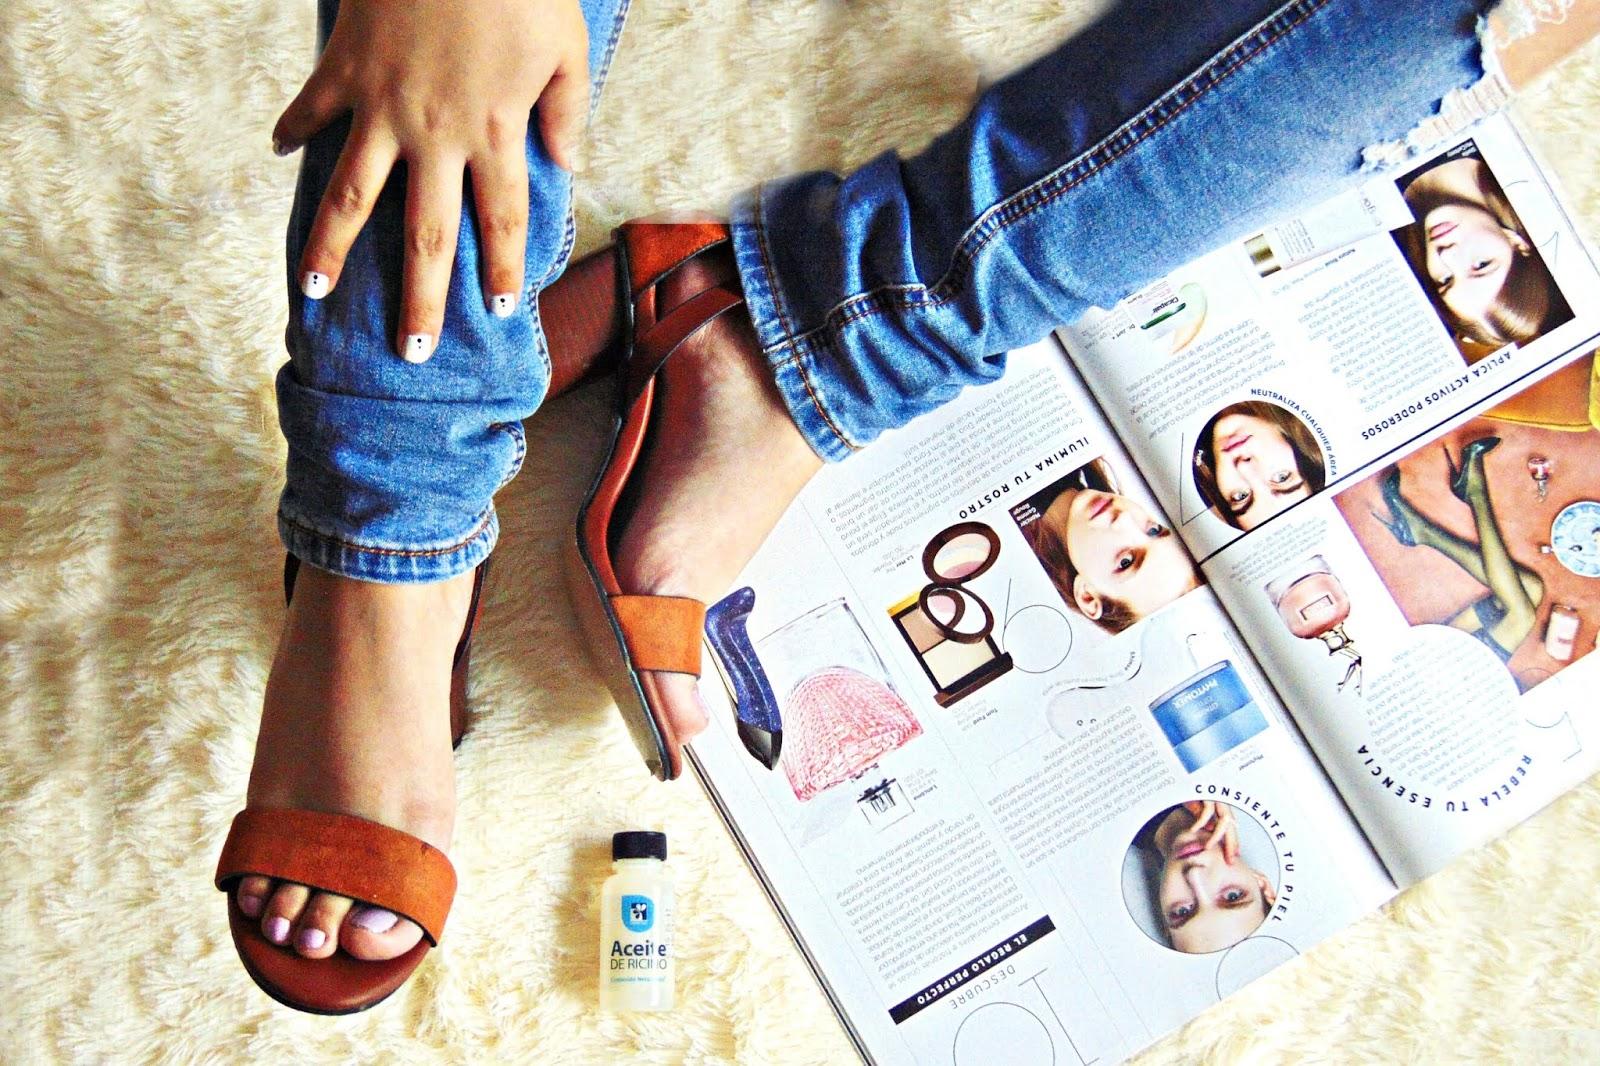 aceite ricino para manos y pies